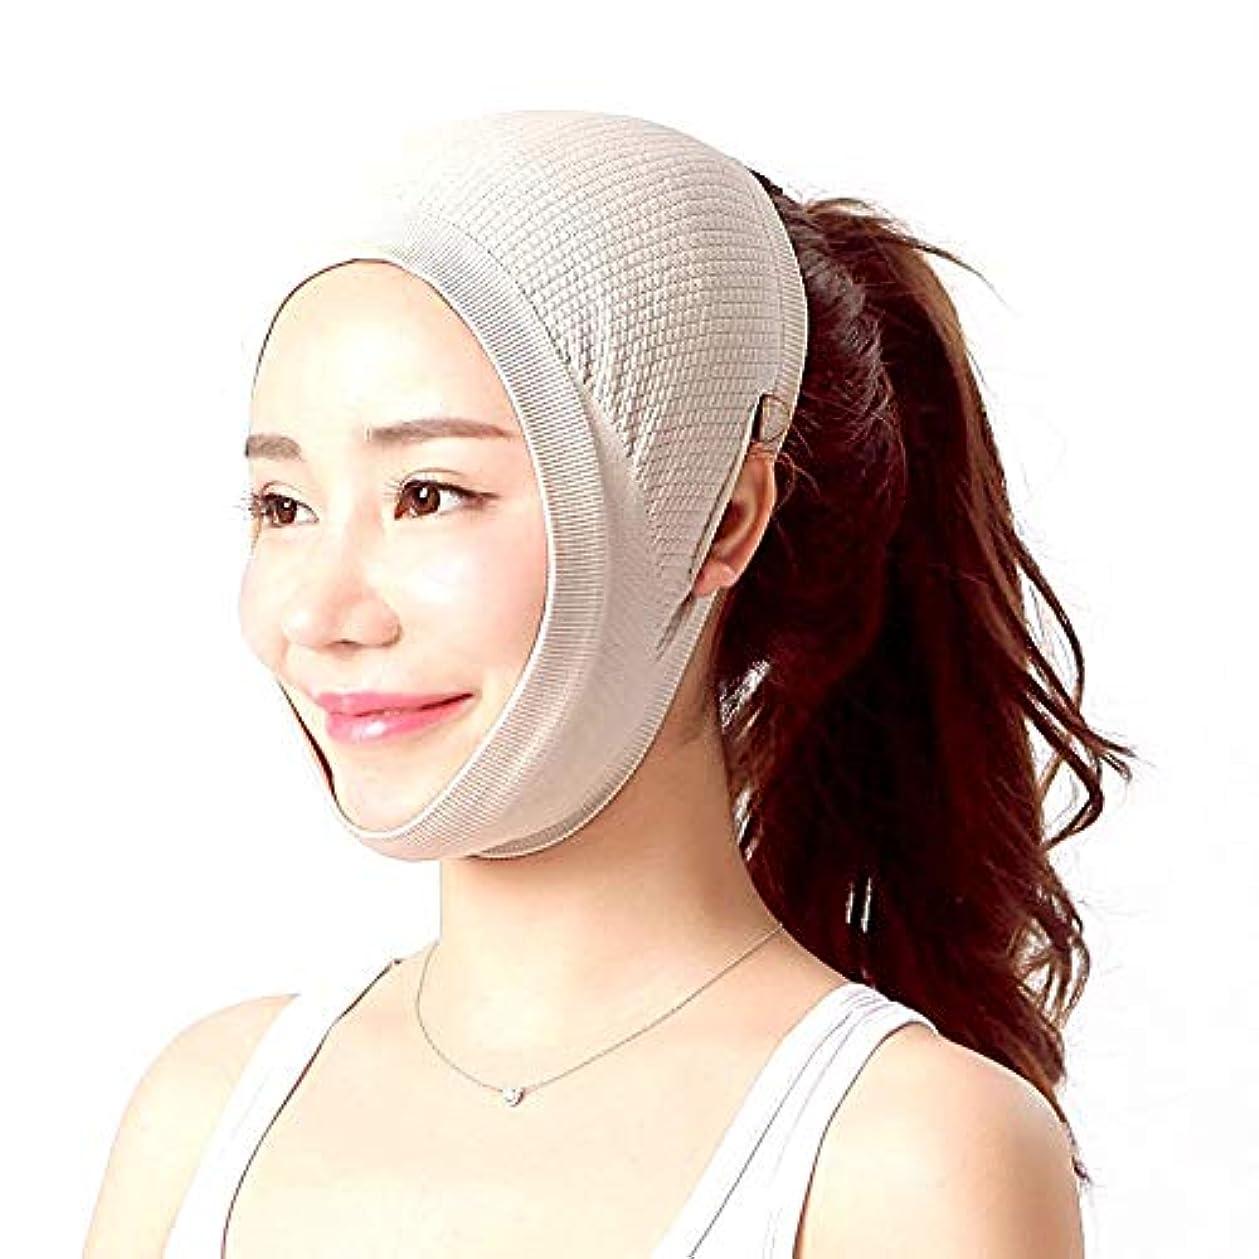 促すチケット資源GYZ フェイスリフティングアーティファクト包帯ライン術後回復包帯リフティングフェイスフードVフェイス包帯リフティングVフェイス美容マスク - 肌のトーン Thin Face Belt